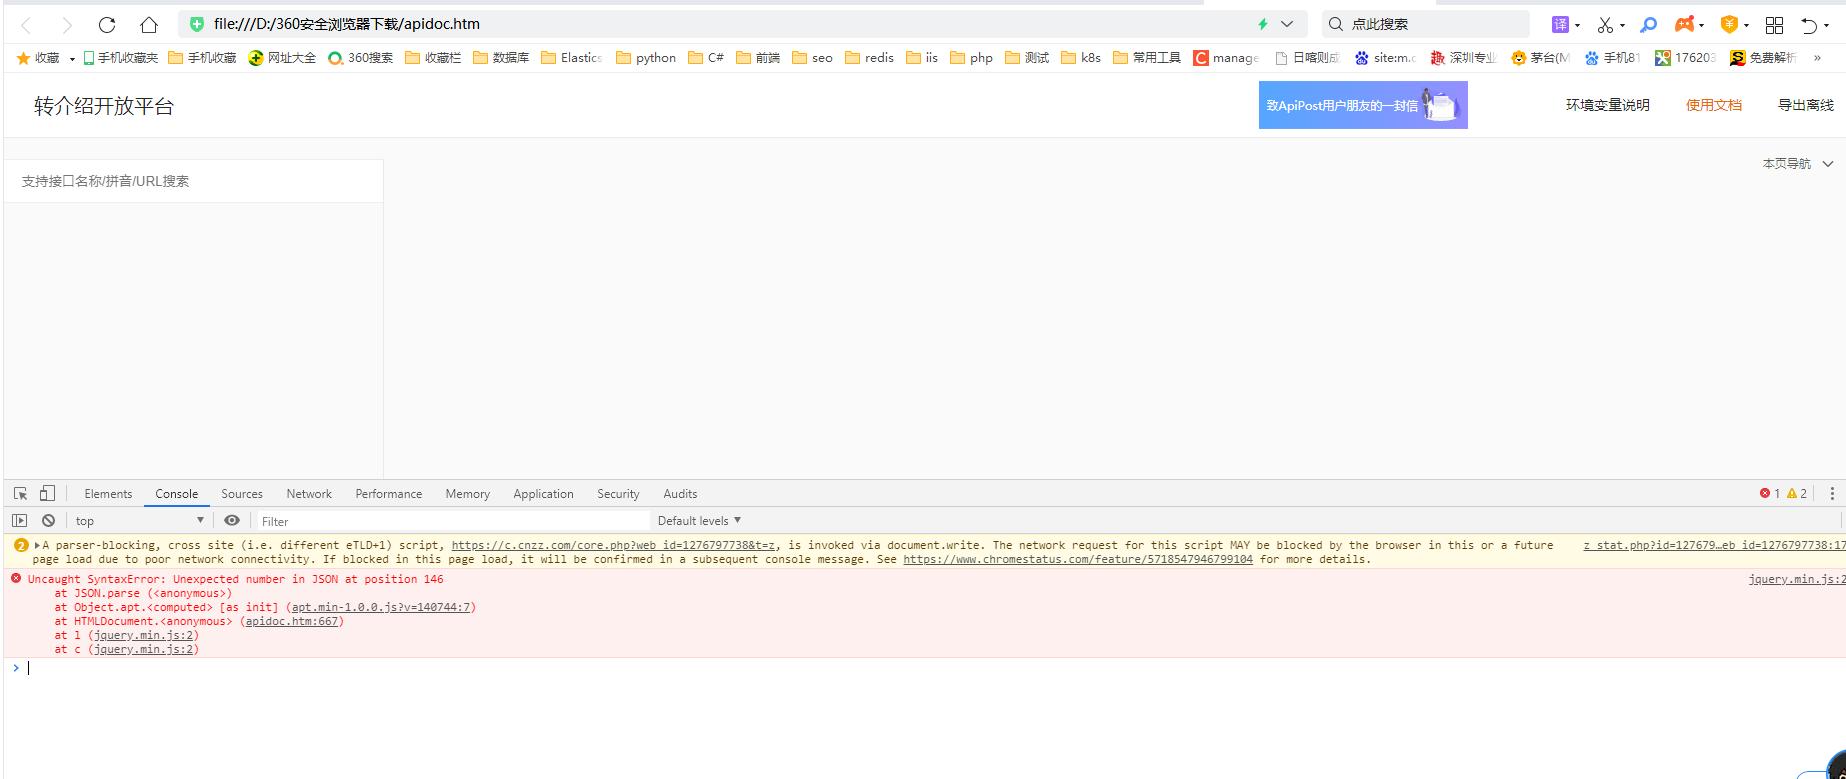 api文档导出htm  在本地或者发布到其他网站上打开空白?